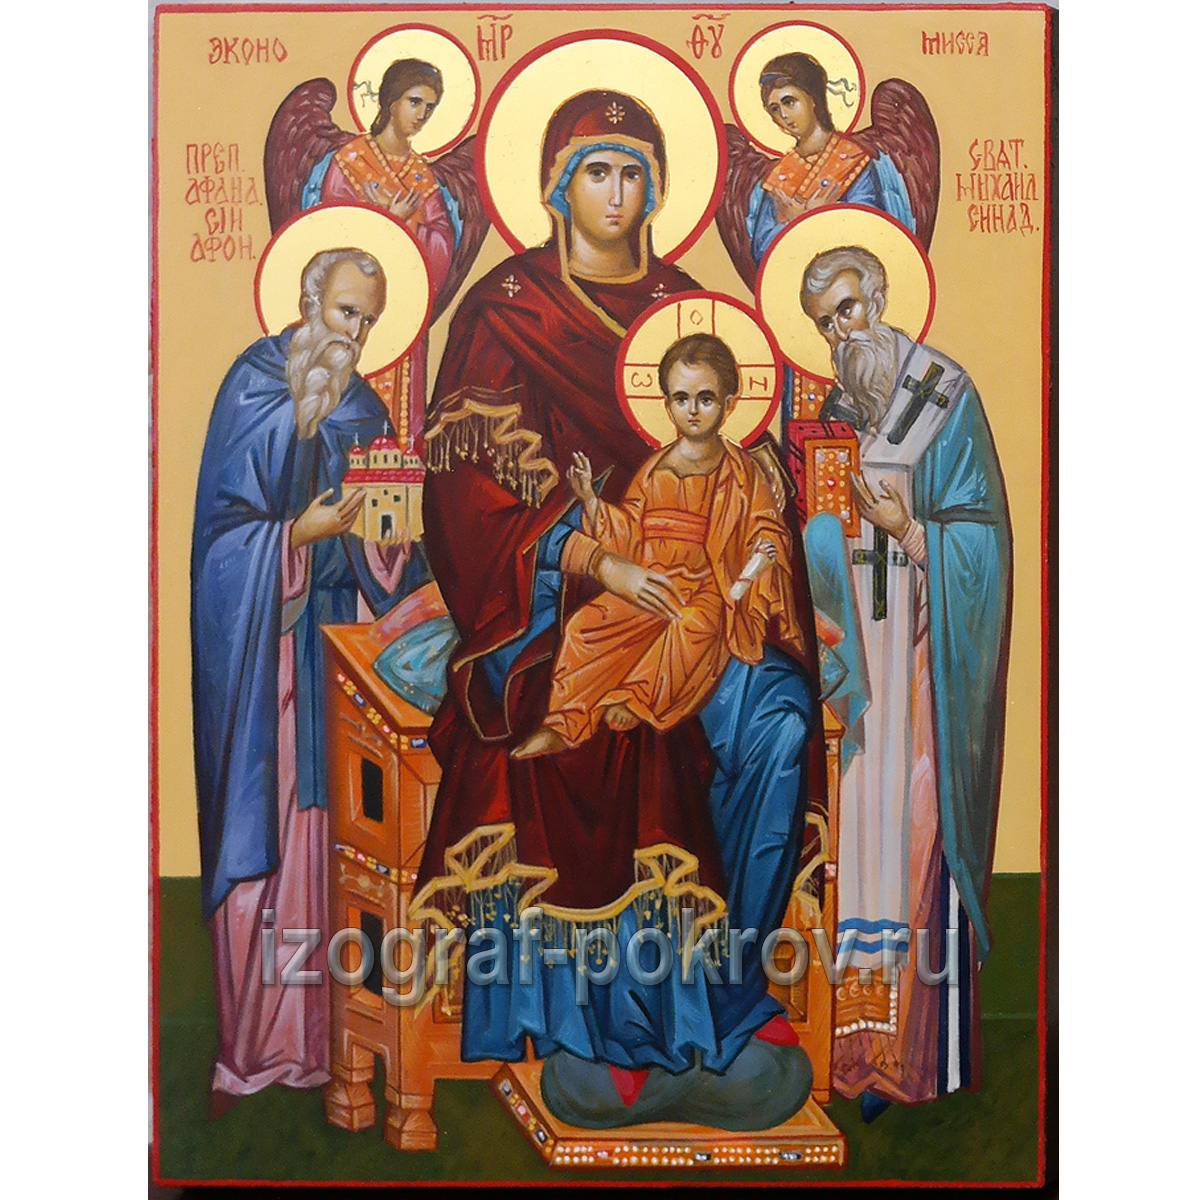 Икона Божией Матери Экономисса. Заказать изготовление иконы в Свято-Покровской иконописной мастерской